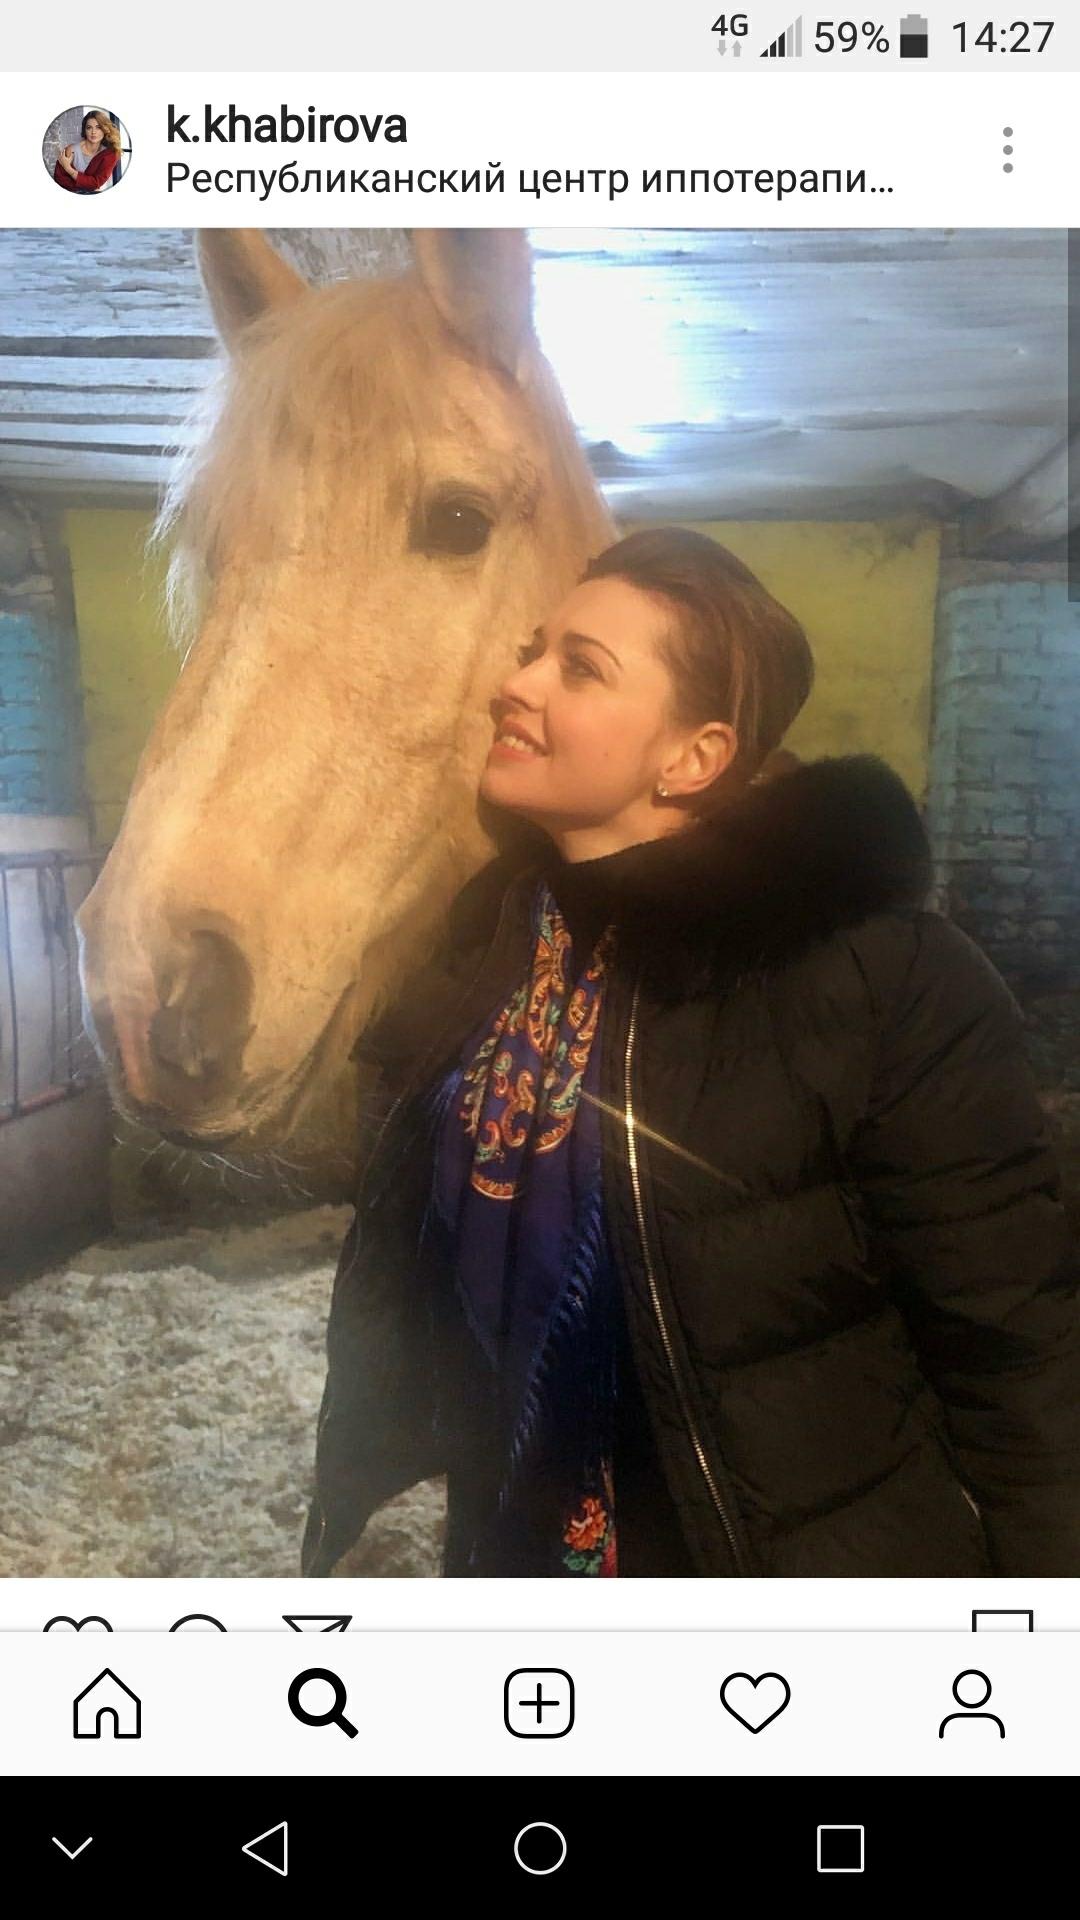 Мы познакомились с замечательным человеком Хабировой Каринэ Владимировной!